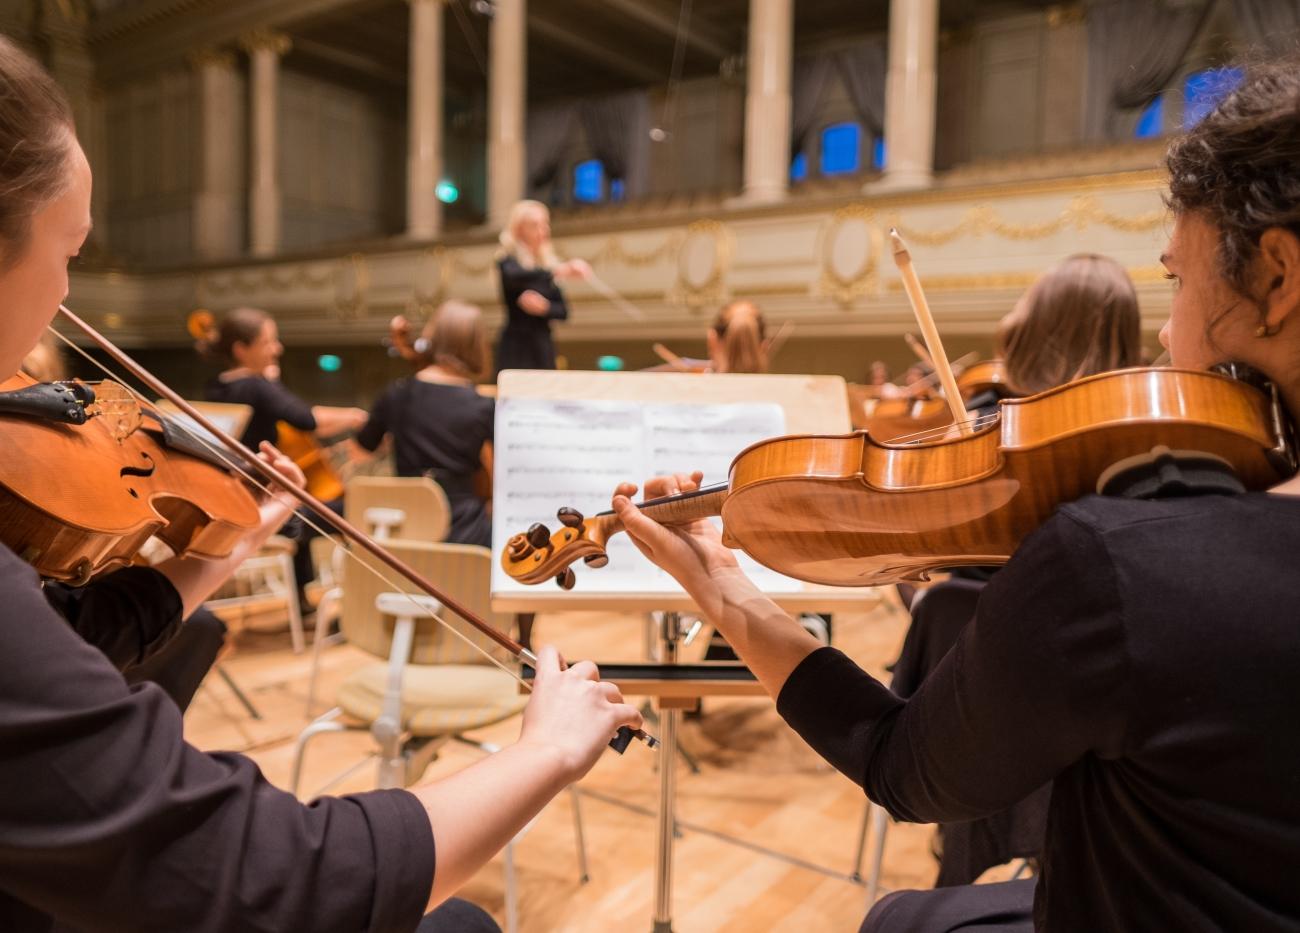 Blick auf Mitglieder eines Orchesters.